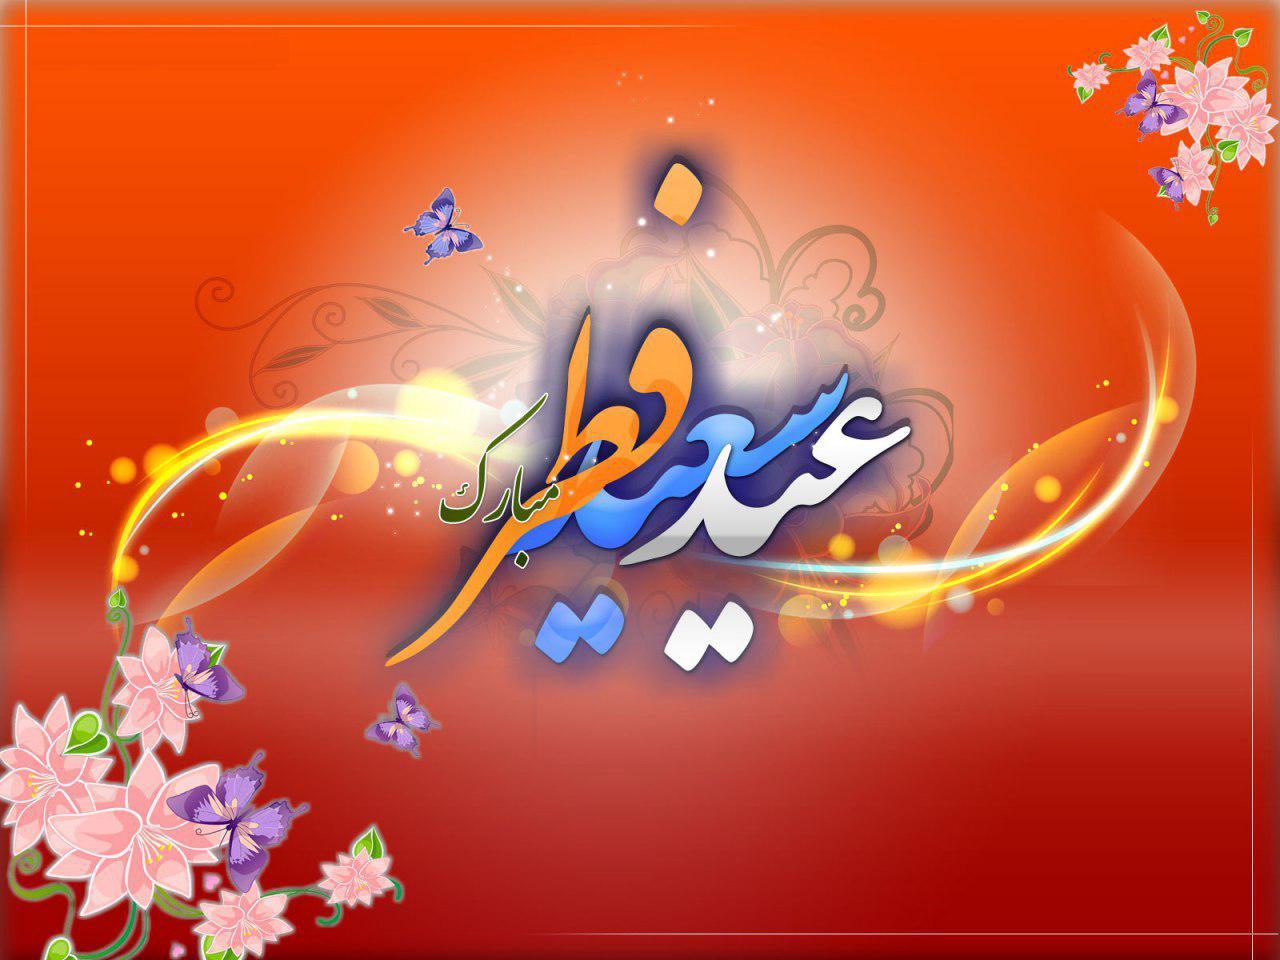 ضمن تبریک فرا رسیدن عید سعید فطر؛ نکاتی درباره تعطیلات در کشور ما